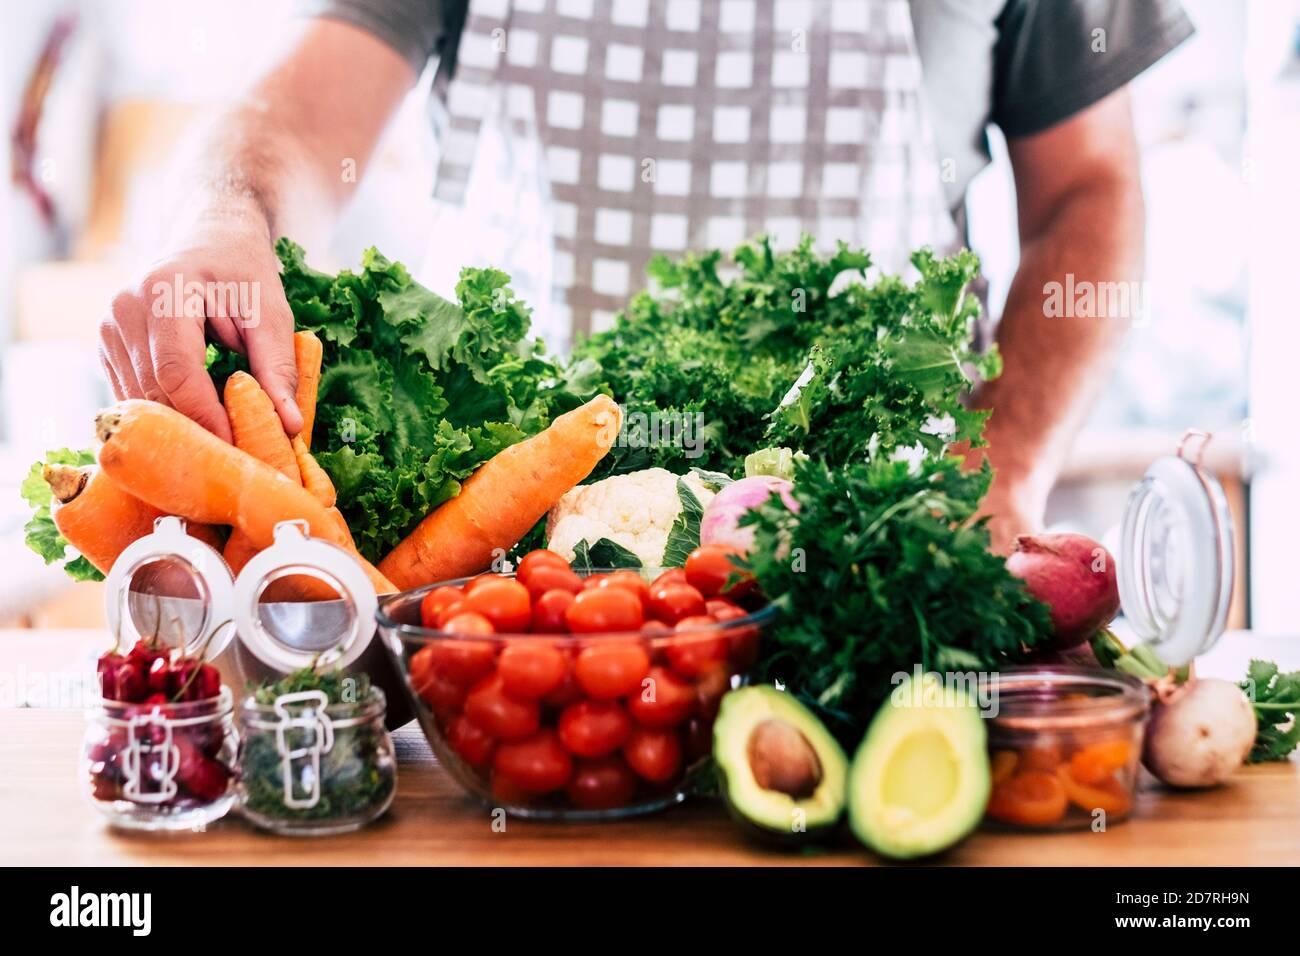 Uomo adulto irriconoscibile con molte verdure sul tavolo - cibo di stagione misto colorato e frutta per vegetariani o. persone vegane - stile di vita sano Foto Stock